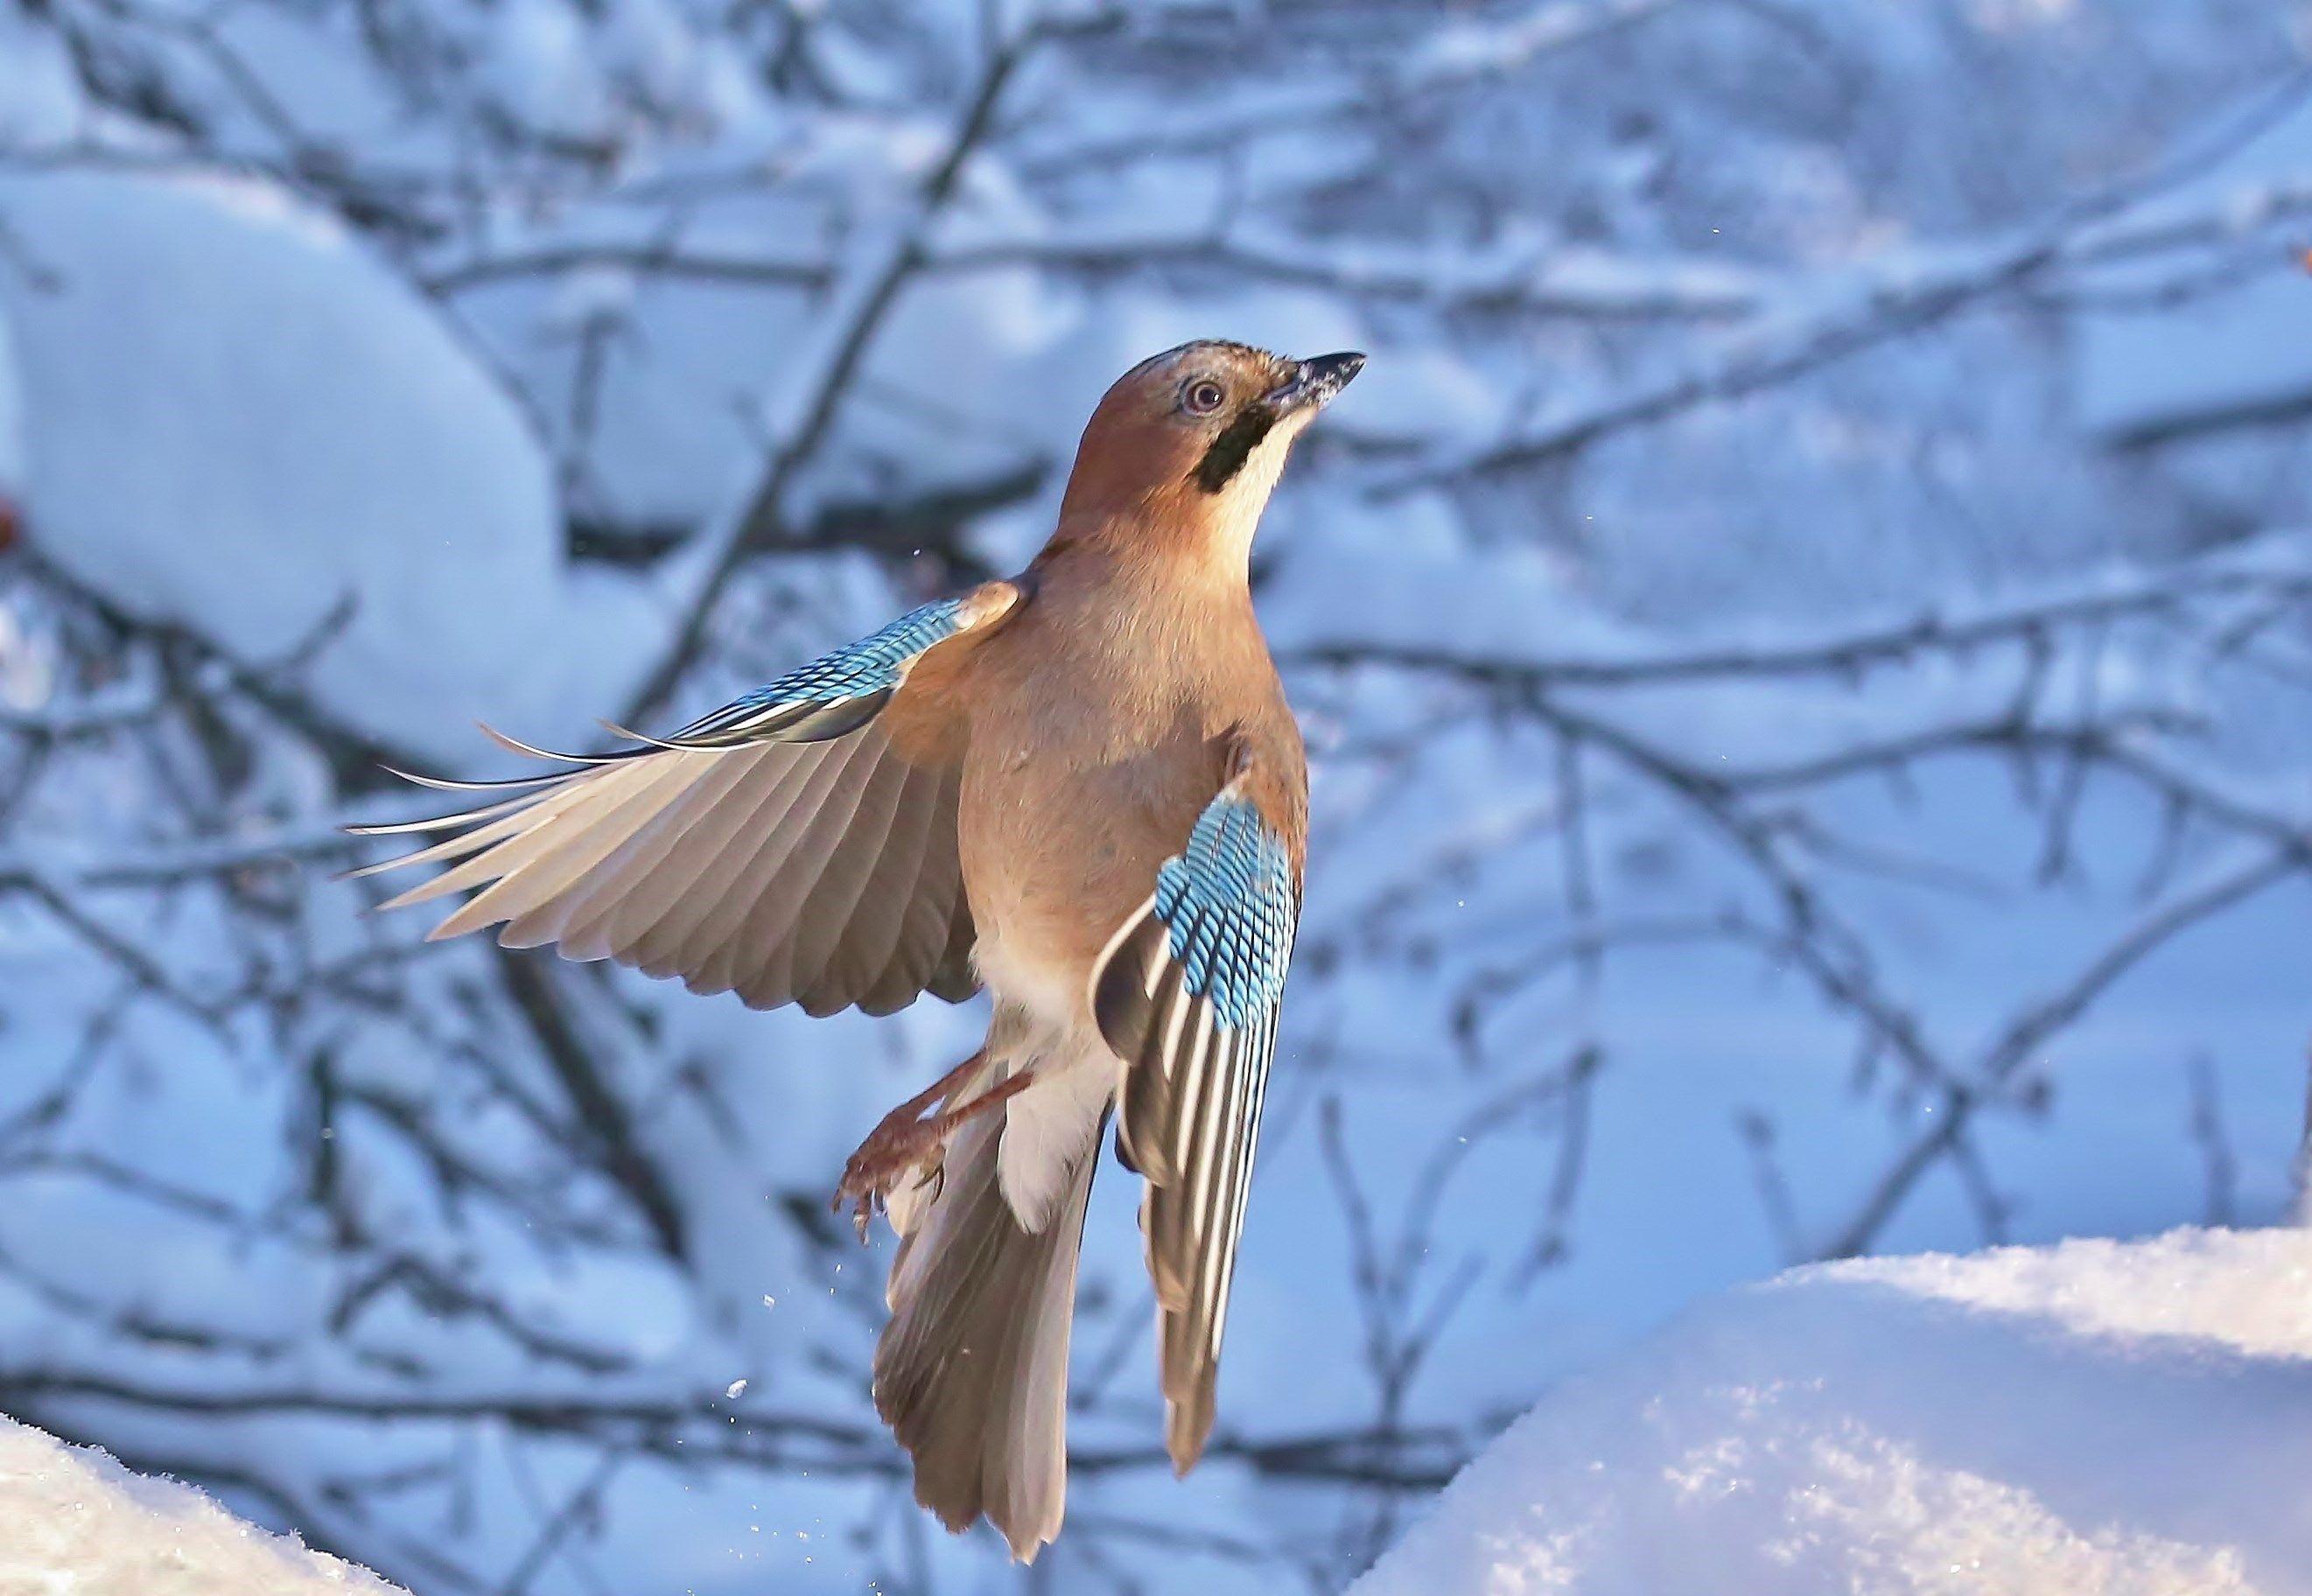 природа , птицы , сойка , зима, Головнев Андрей